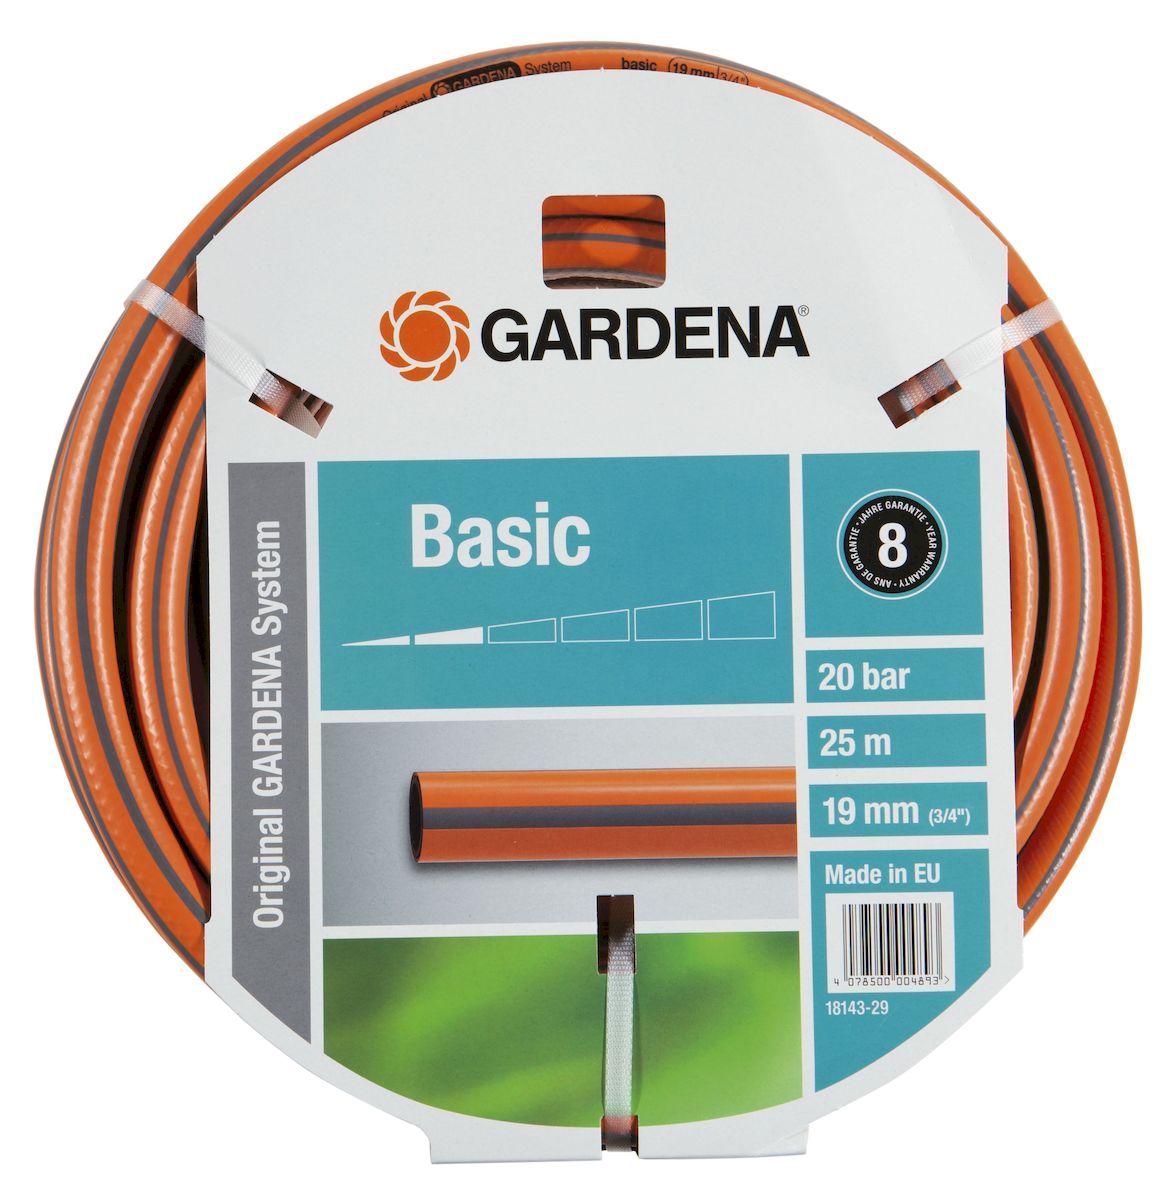 Шланг Gardena Basic, 19 мм (3/4) х 25 м18143-29.000.00Шланг Gardena Basic, прекрасно сохраняет свою форму благодаря высококачественному текстильному армированию, отсутствуют фталаты и тяжелые металлы, невосприимчив к УФ-излучению. Шланг не перегибается, не спутывается, не перекручивается, благодаря спиралевидному текстильному армированию, усиленному углеродными волокнами. Шланг Gardena Basic оптимально сочетается с компонентами базовой системы полива. Идеально подходит для умеренной интенсивности использования. Шланг Gardena Classic выполнен из высококачественного ПВХ и выдерживает давление до 22 бар. Толстые стенки шланга и высококачественные материалы обеспечивают длительный срок службы.